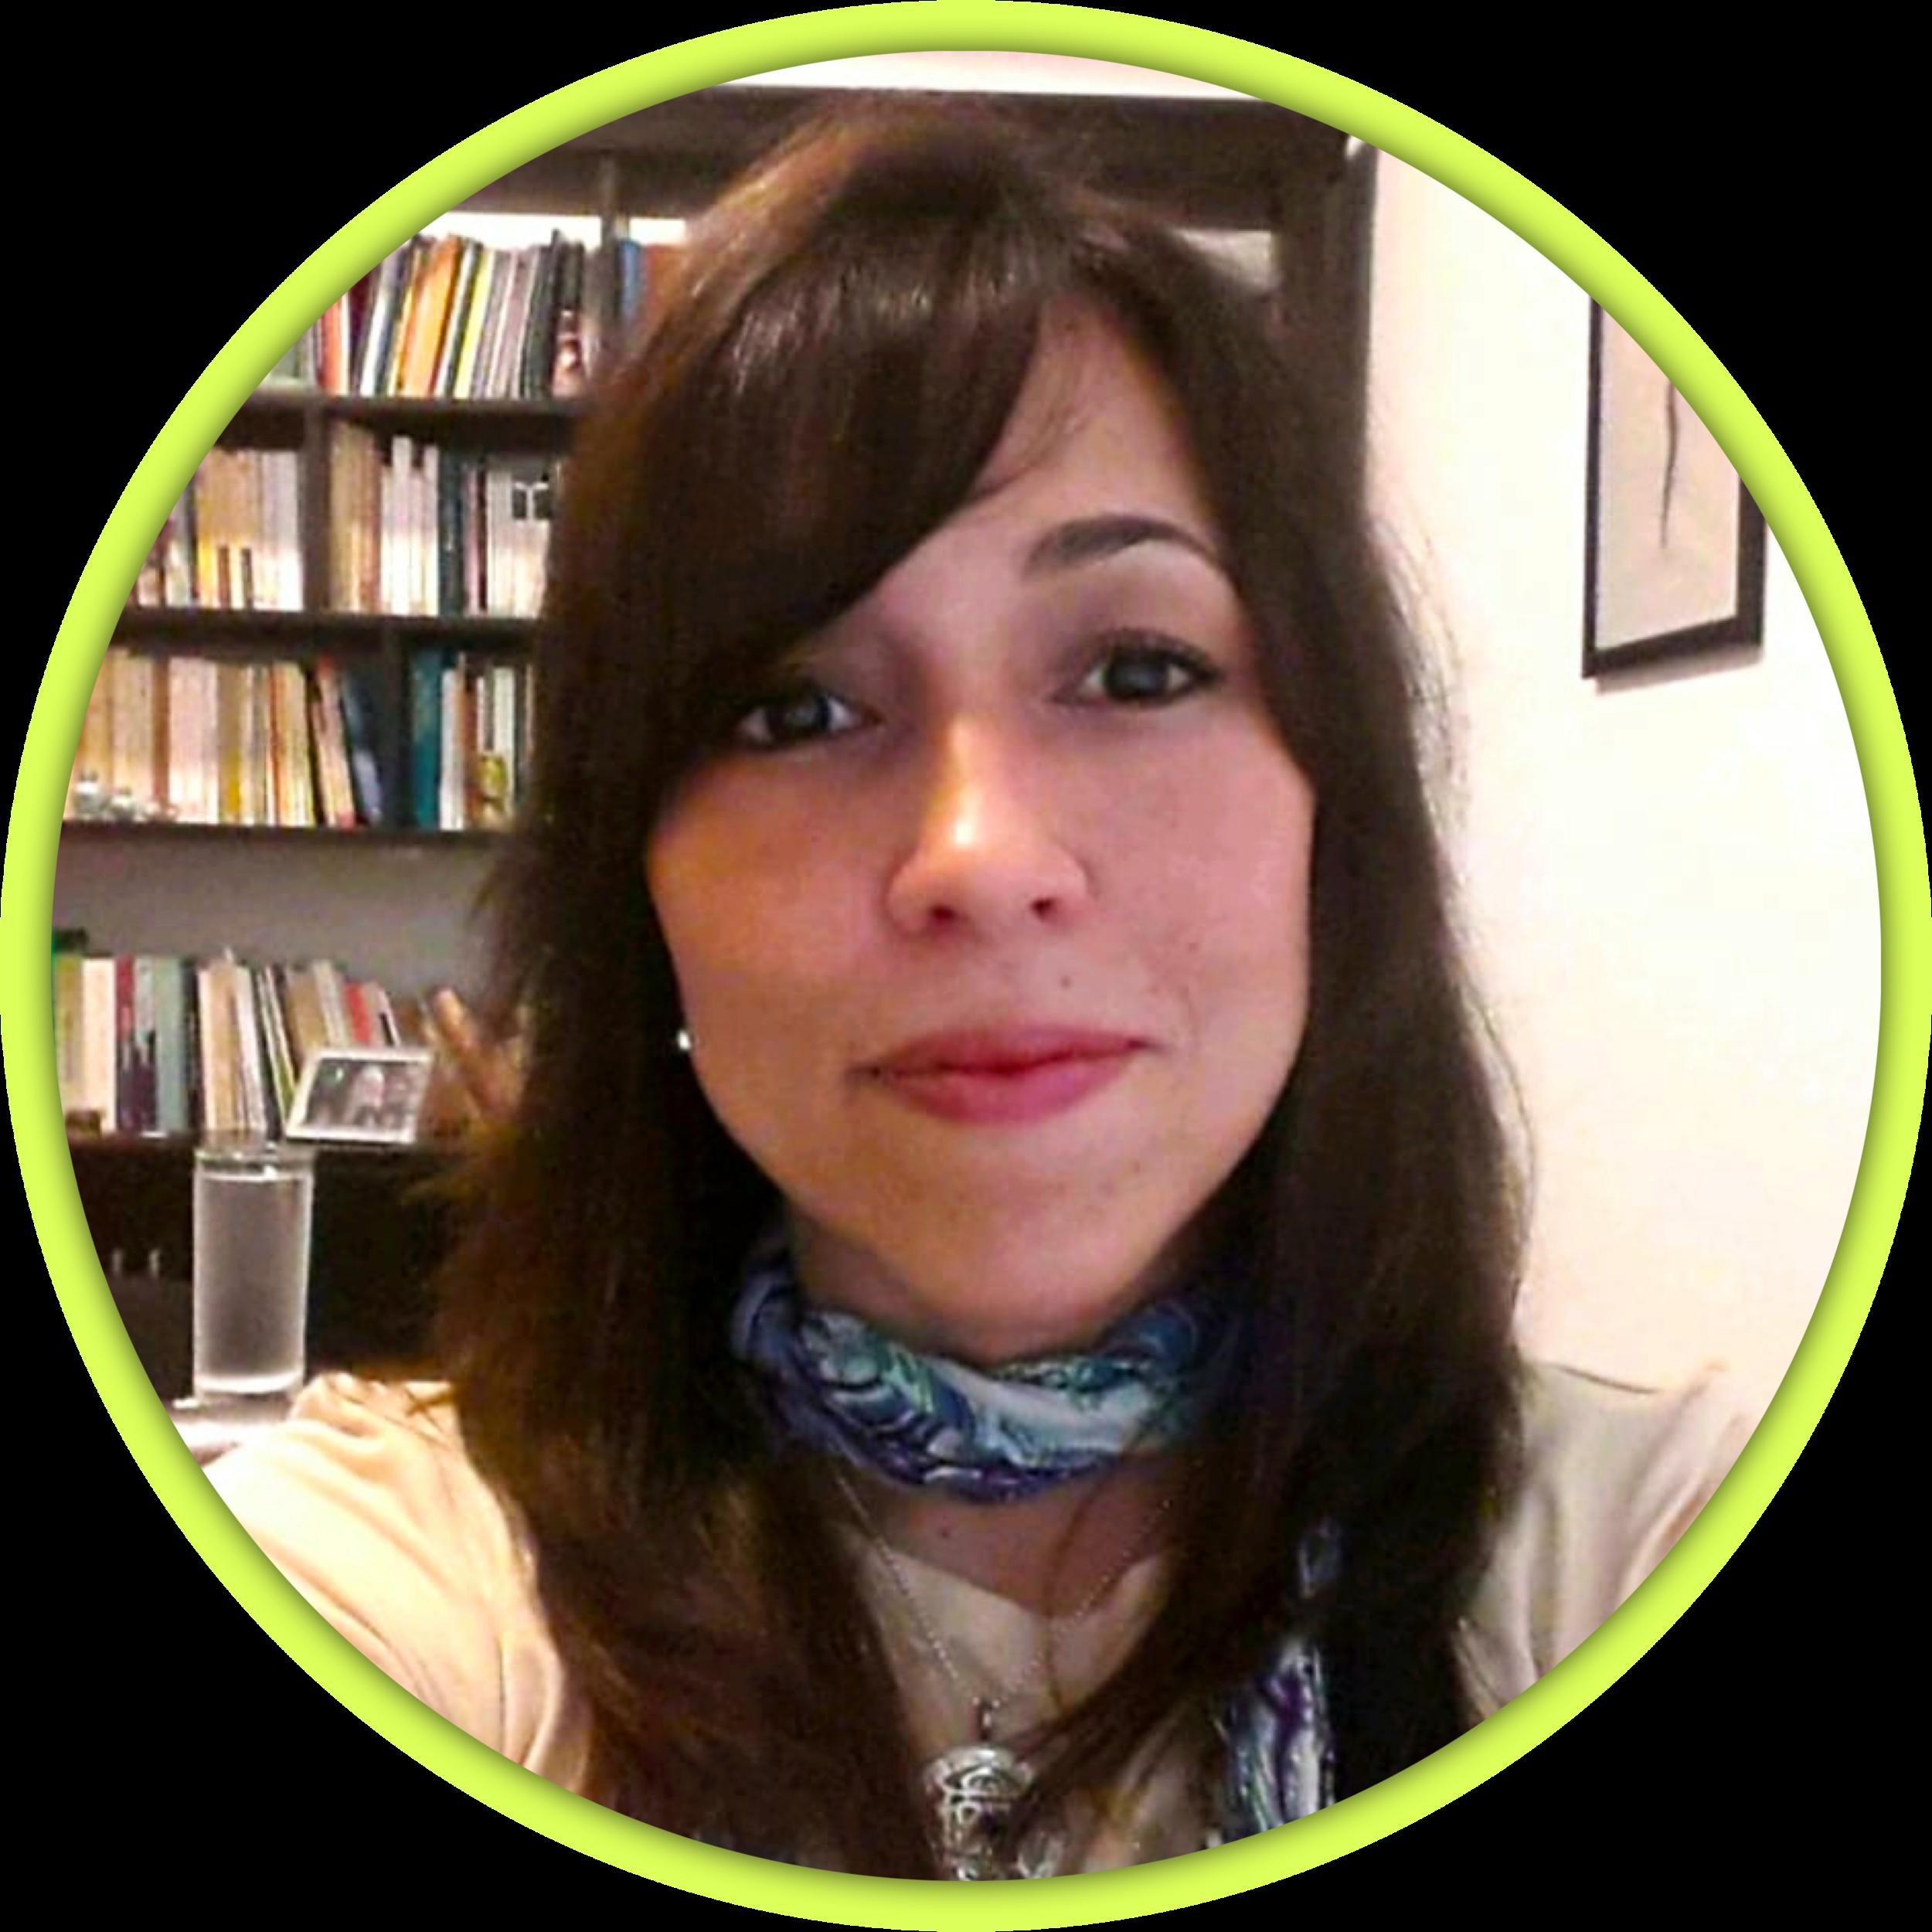 Mariuxi oyague - —ECUADOR—Psicóloga Clínica graduada de la Universidad Católica de Guayaquil. Trabajó durante 16 años en el Hospital Psiquiátrico Lorenzo Ponce, hoy Instituto de Neurociencias. En el 2008 conozce a su primer maestro de Mindfulness Tulku Lobsang, residente en Austria e inició educación en meditación mindfulness por 5 años. Amante de la lectura sobre filosofía, psicología, ciencia, sustentabilidad, Sobre el impacto de la nutrición y el ejercicio en la mente. Practicante por 11 años de meditación.Encargada de casos clínicos o clientes que quieren desarrollar las habilidades de meditación y tener un autoconocimiento más profundo desde la psicología y las ciencias filosóficas orientales.ESPECIALIZACIONESPerteneció por 15 años a la Escuela Lacaniana de Guayaquil.Educadora certificada de Mindfulness de Nangten Menlang Internacional sede Austria.Estudios continuos con Dzigar Kongtrul Rinpoche, con quien estudia formalmente Filosofía oriental y Budismo desde hace 6 años.Asiste a Seminarios y retiros anuales y educación continua sobre meditación Shamatha, Vypassana y MindfulnessCertificación curso en programa de Mindfulness Based Stress Reduction (MBSR) de Jon Kabat Zinn, en Boulder, Colorado.